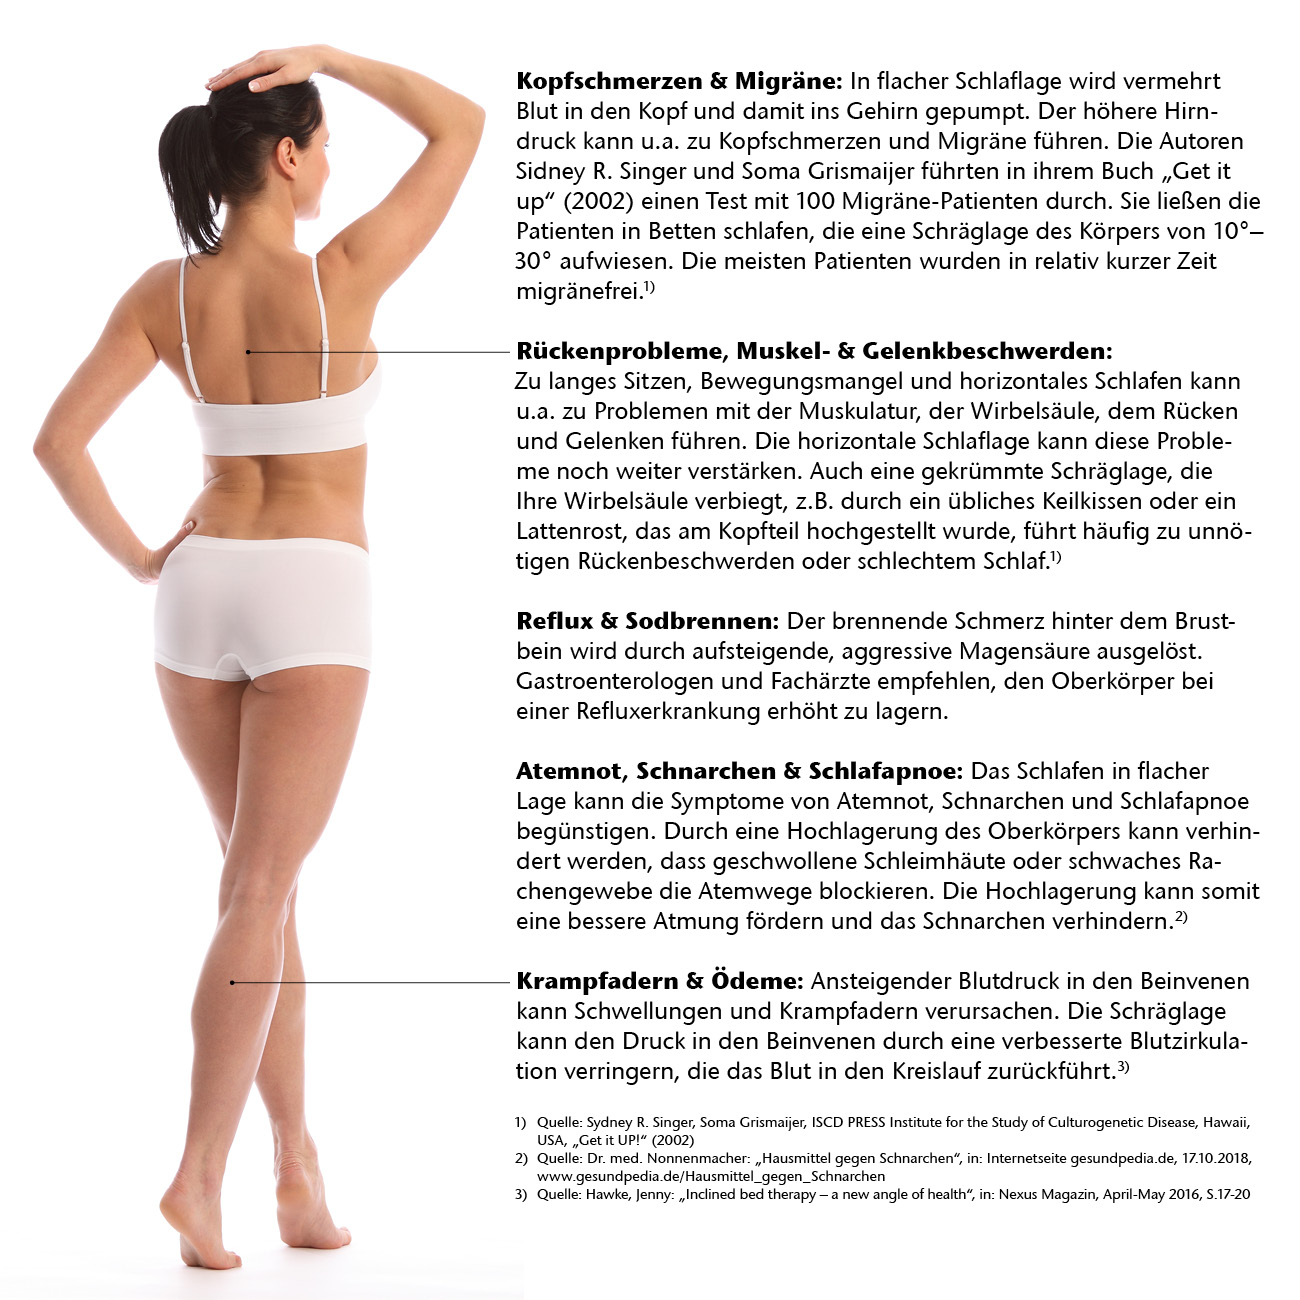 Ihr gesamter Körper kann von der gesundheitsfördernden Schräglage profitieren.